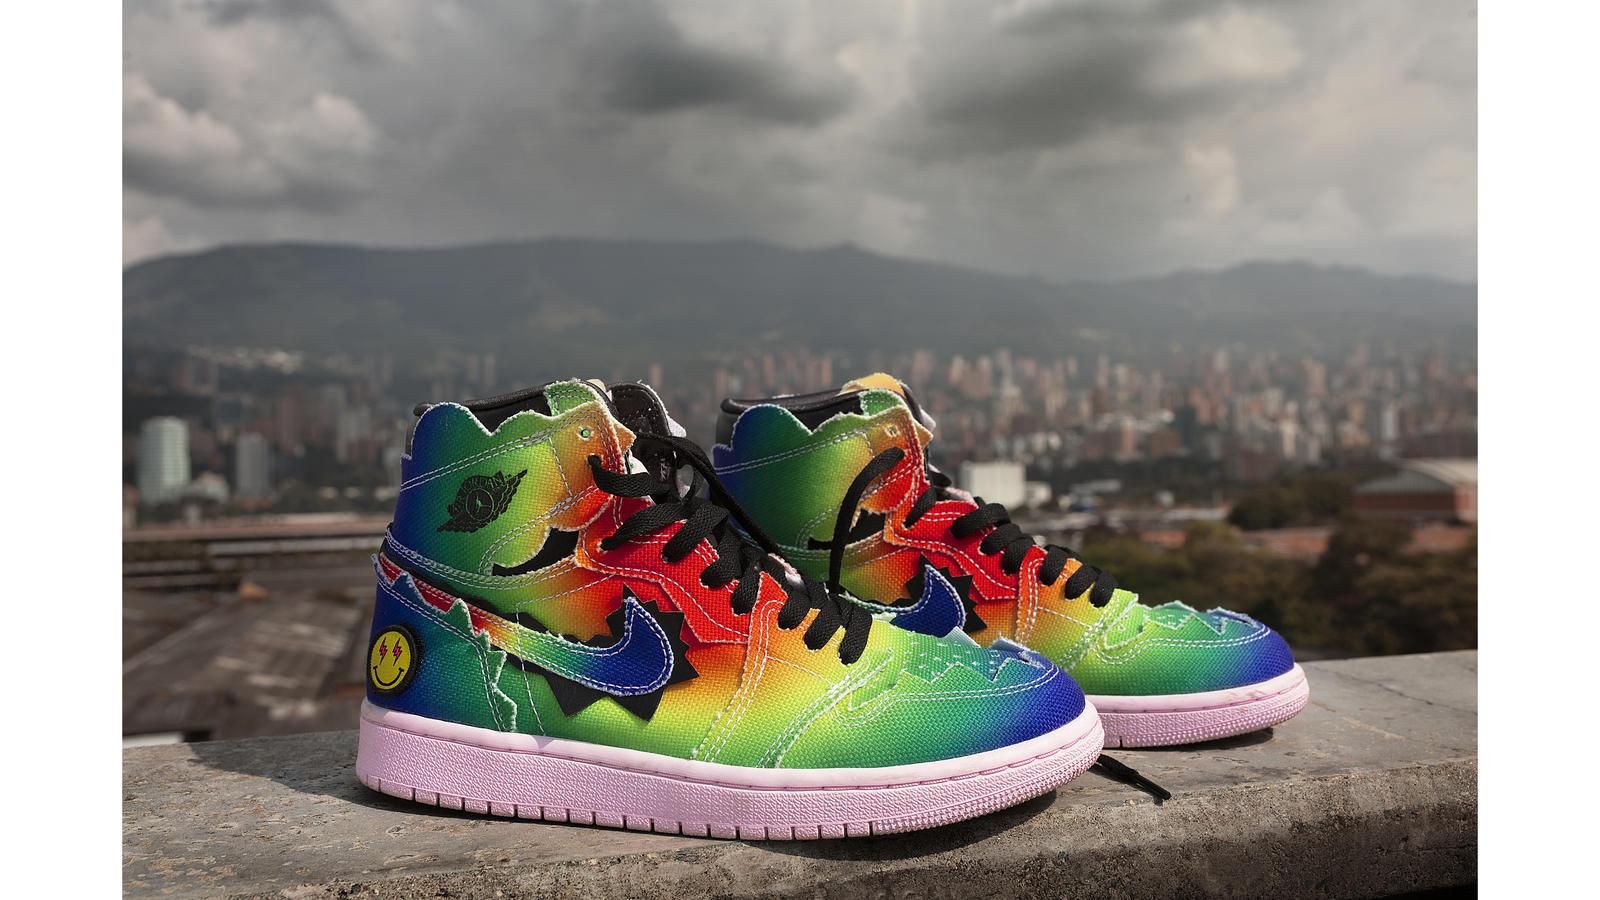 Jordan Brand Air Jordan I x J Balvin Official Images and Release ...